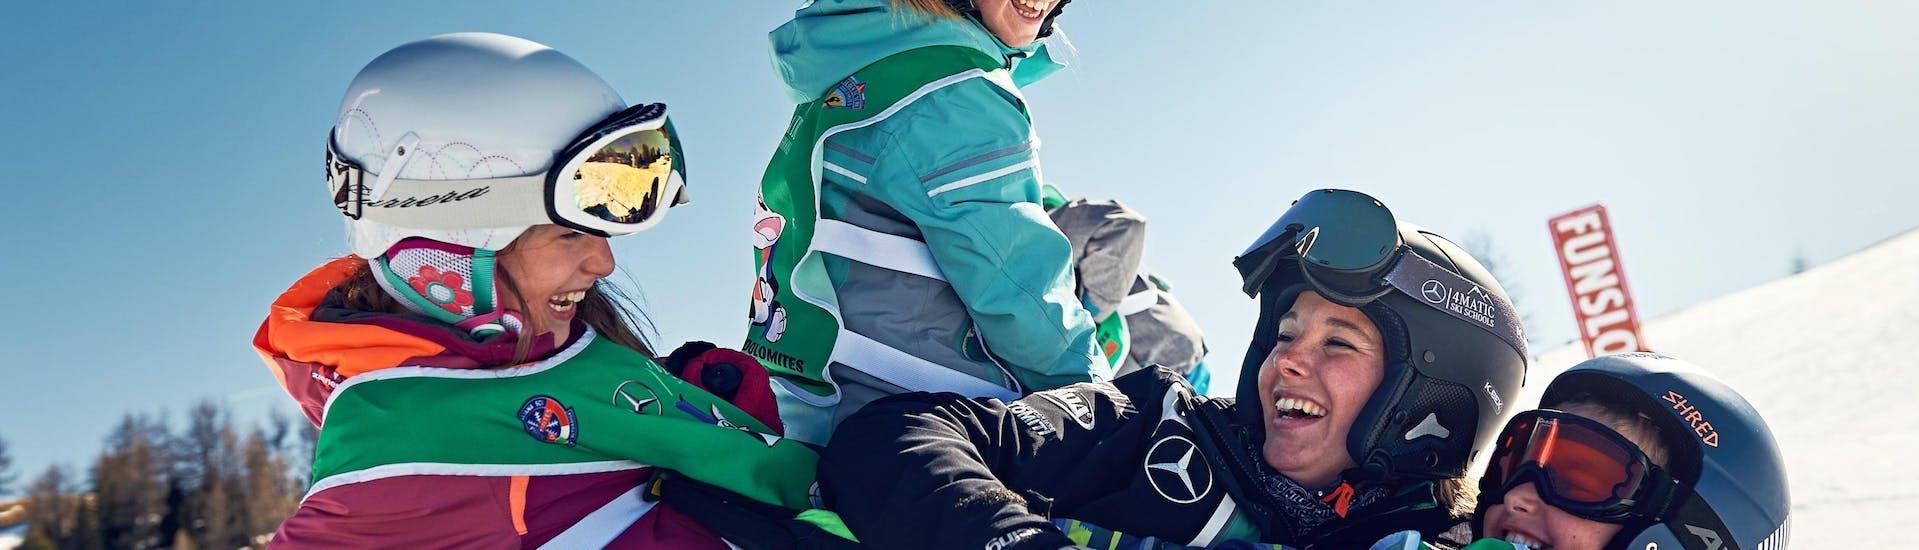 Curso de esquí privado para niños para todos los niveles